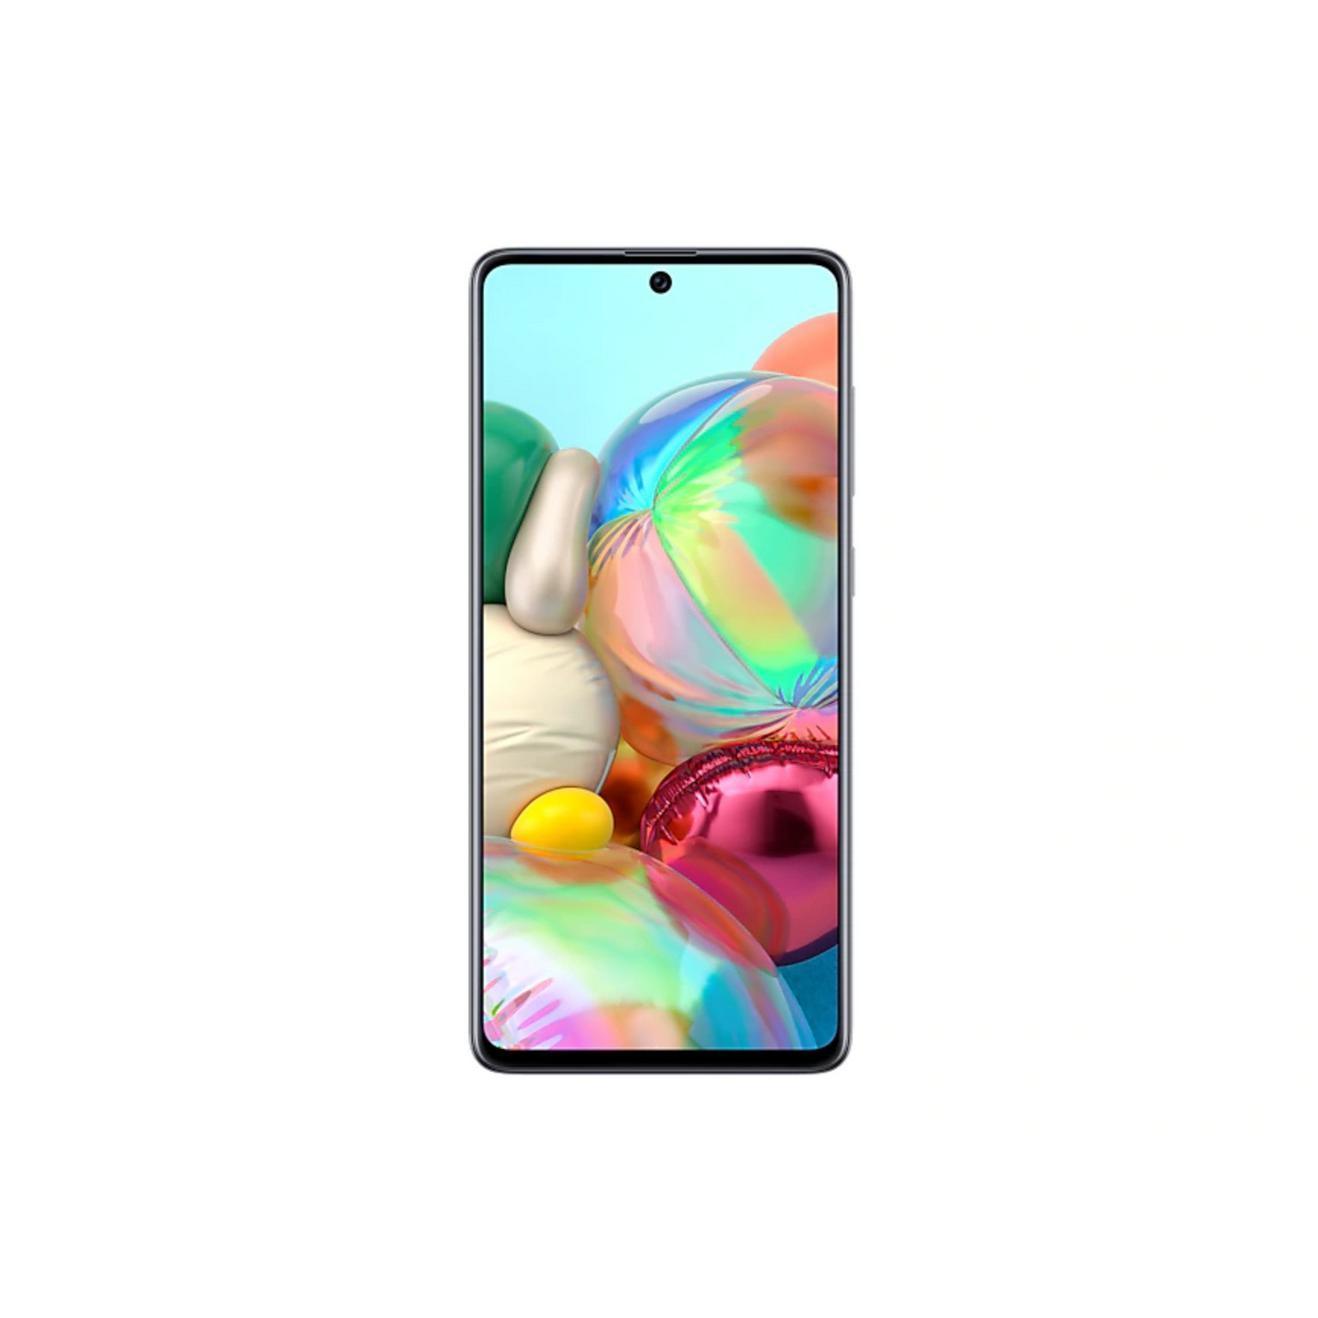 Galaxy A71 5G UW Verizon